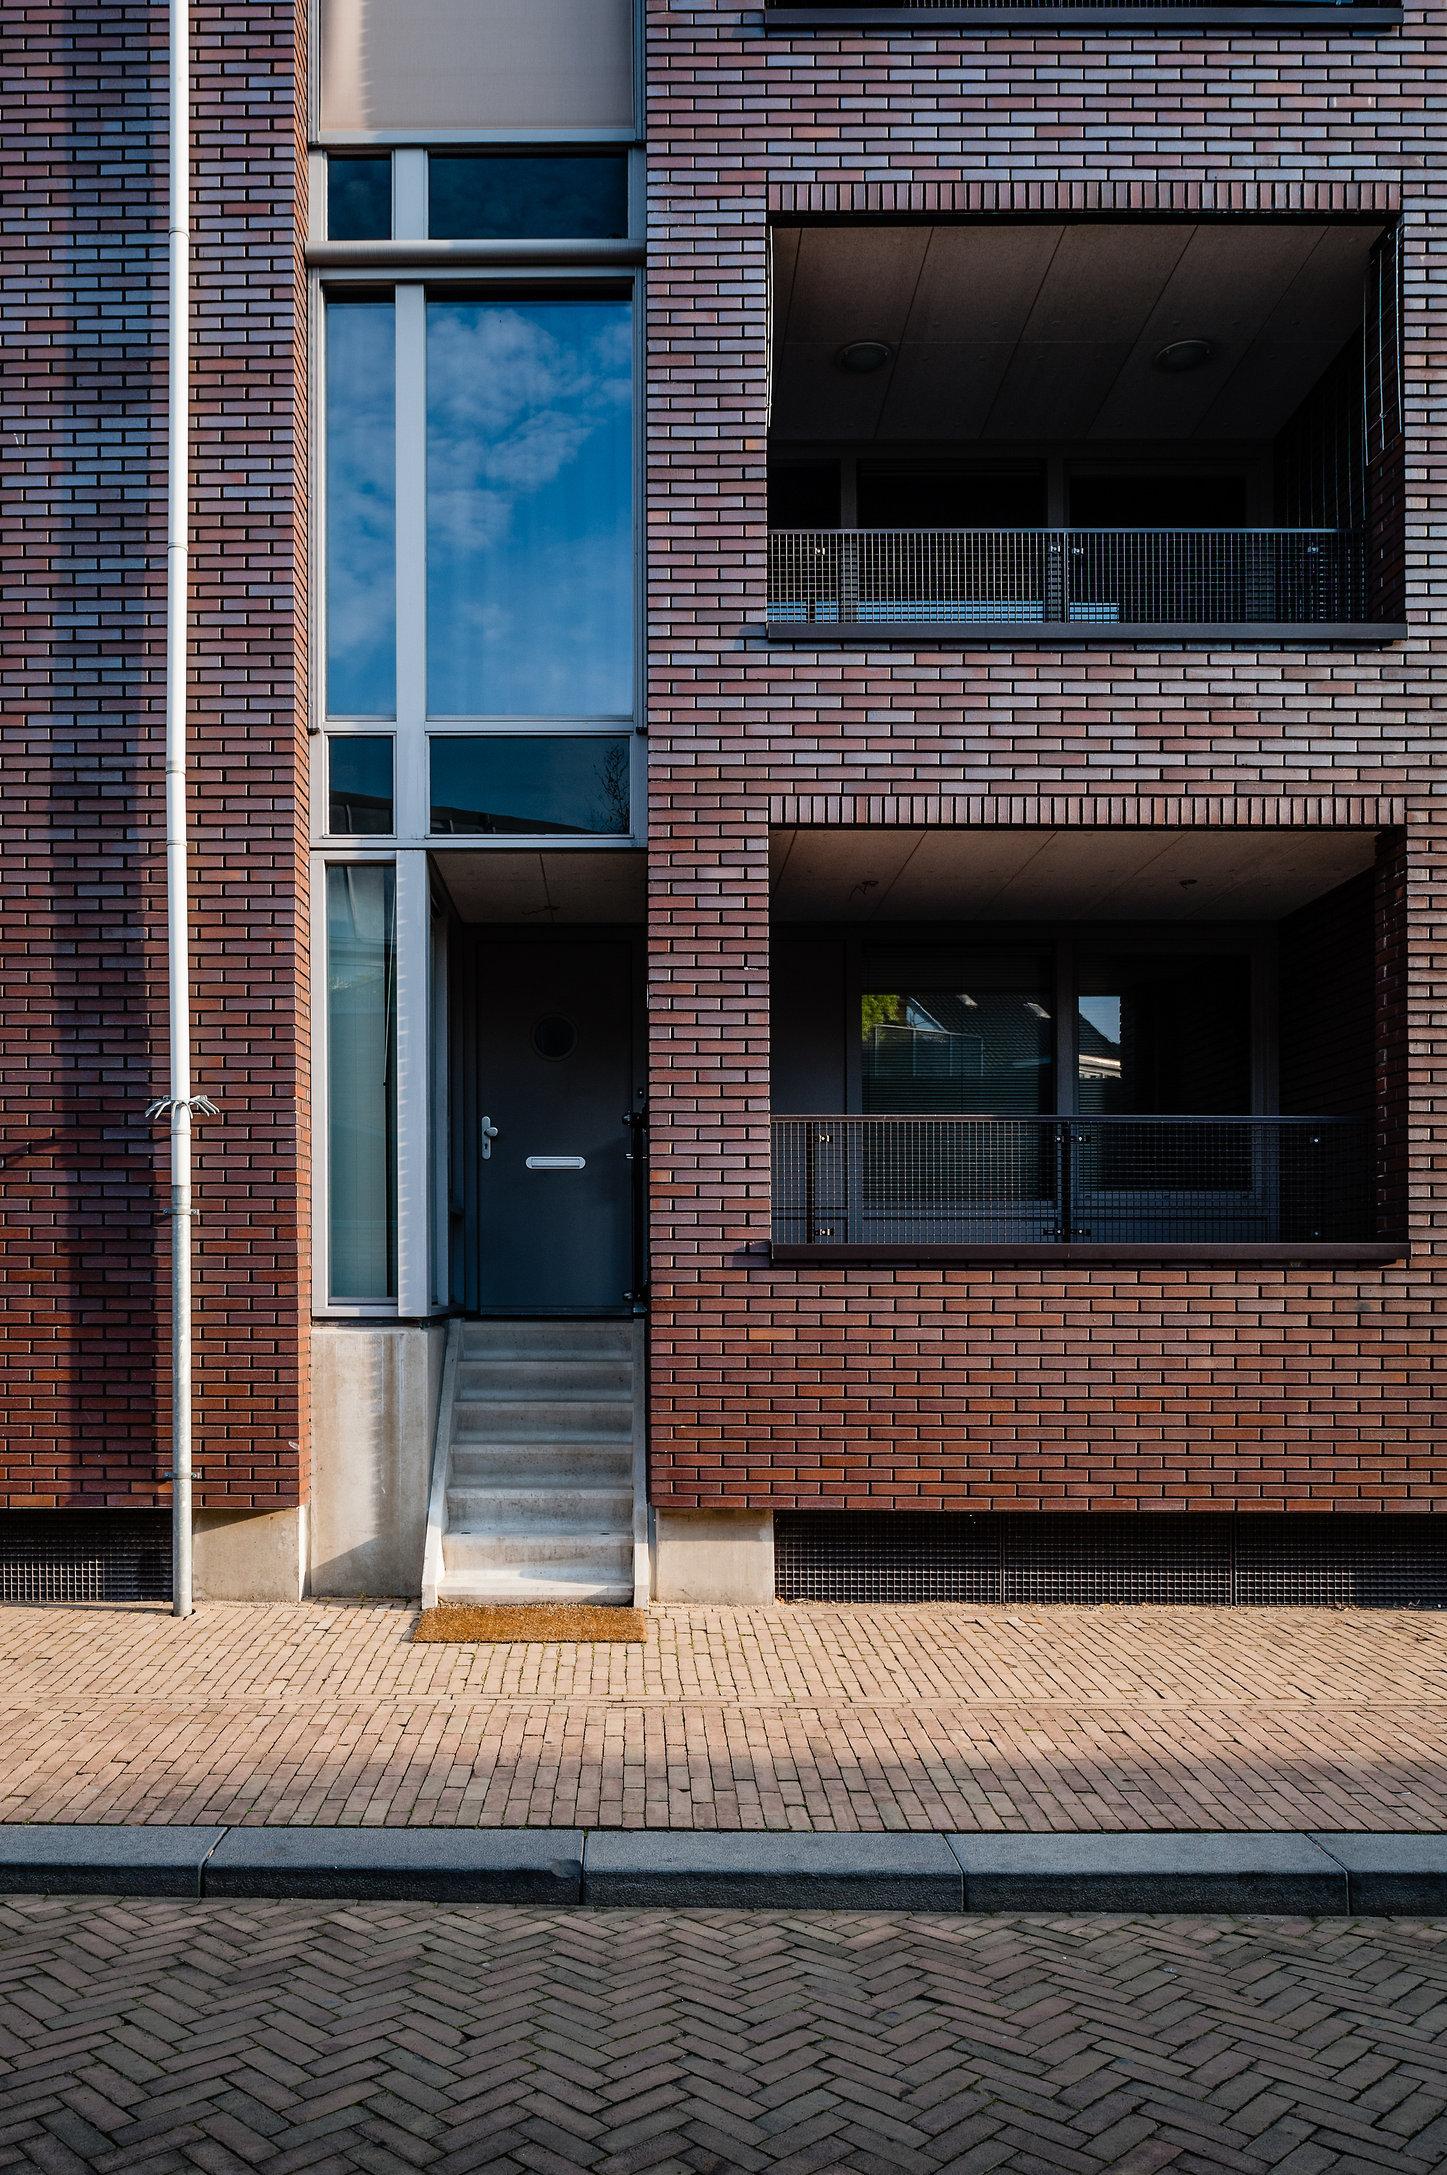 Tilburg, Karrestraat i.o.v. a.s.r. vastgoed vermogensbeheer